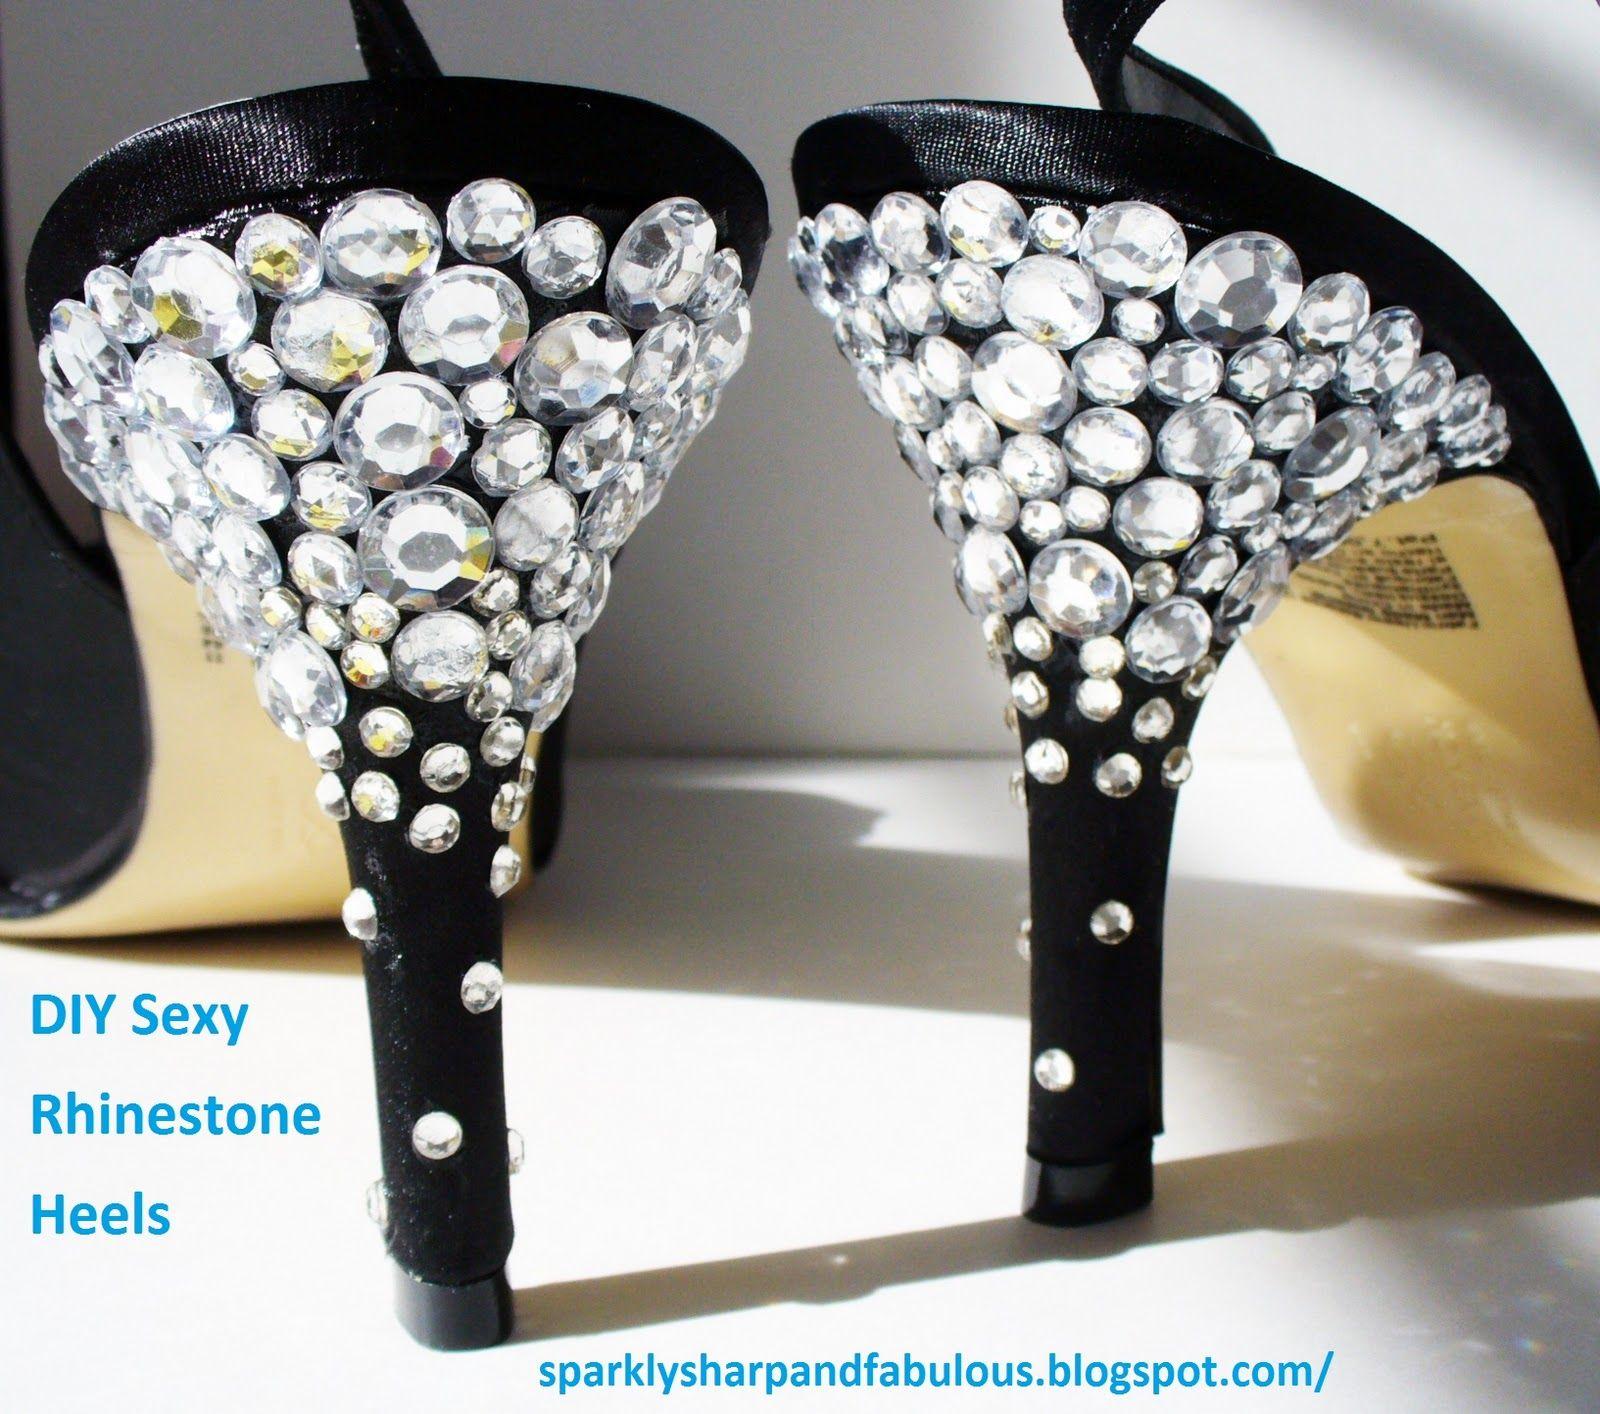 DIY Sexy Rhinestone Heels | DIY DIY DIY DIY DIY ...